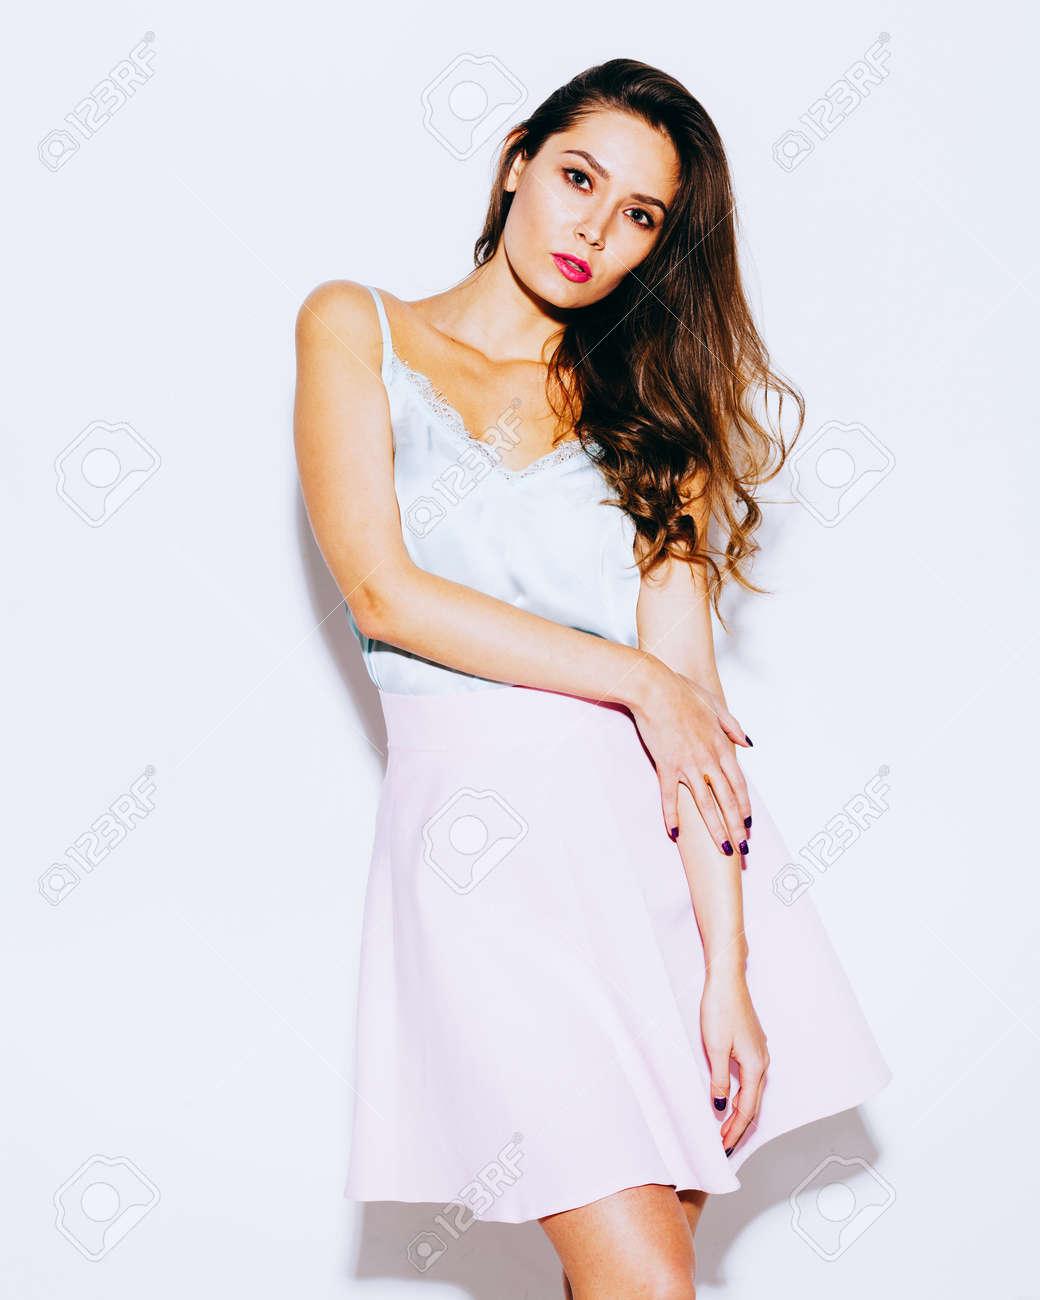 d2a1eb29bbdfb0 Mode et Style. Incroyablement belle fille brune posant dans une jupe rose à  la mode et blouse bleue. Tenue légère de l'été. Sur fond blanc en ...